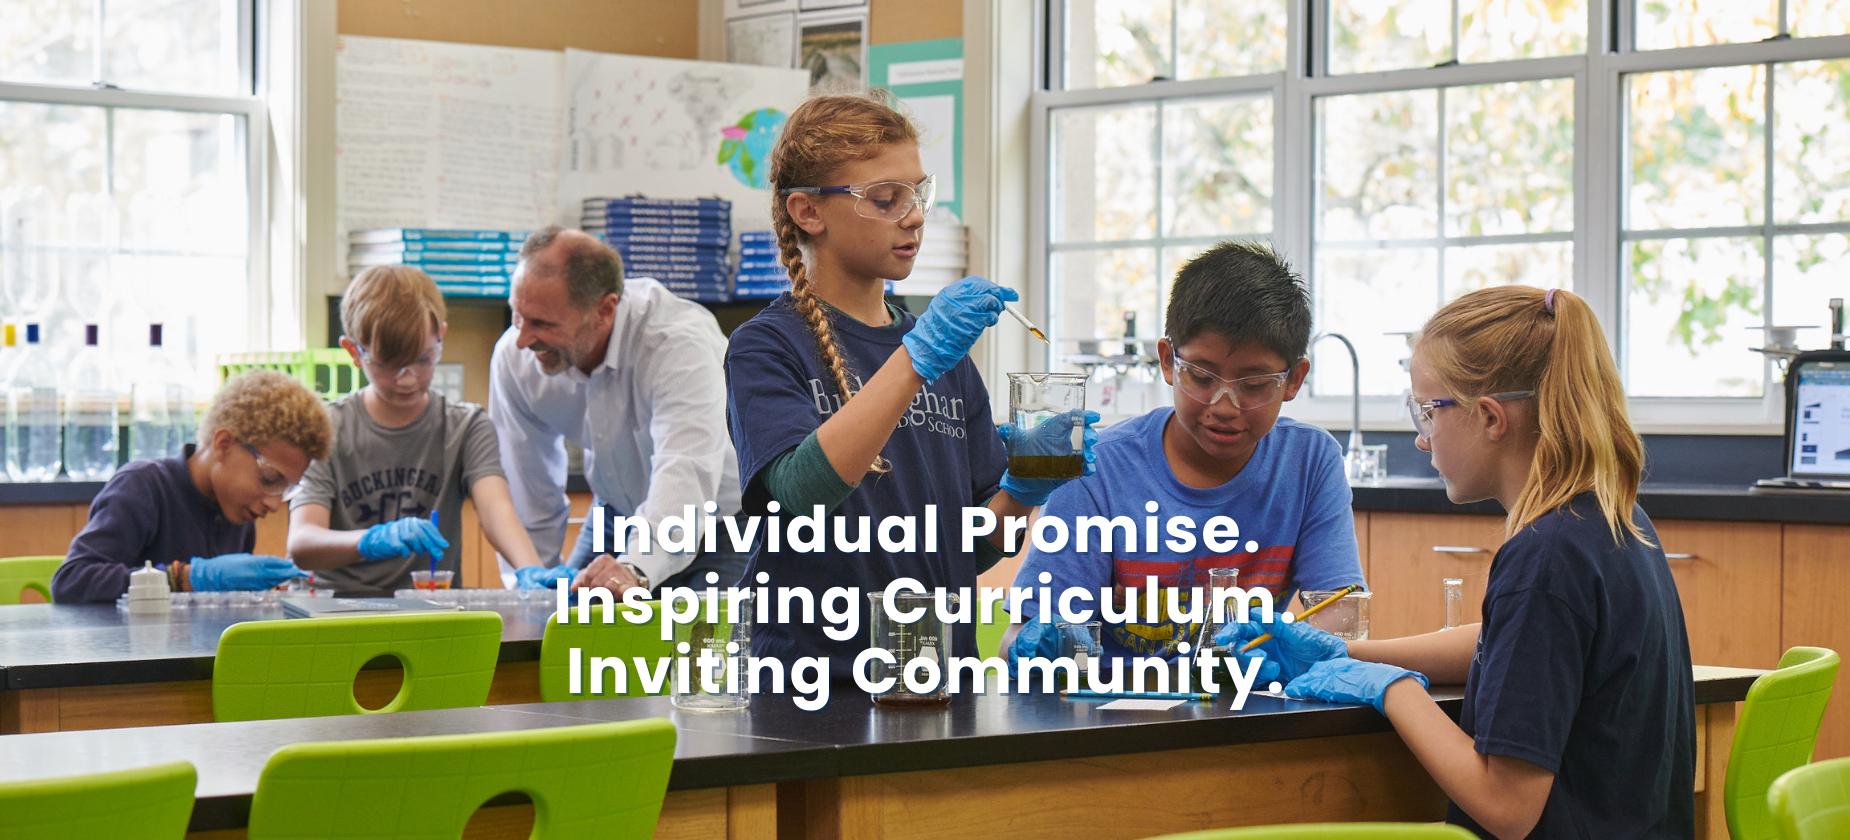 Individual Promise. Inspiring Curriculum. Inviting Community.